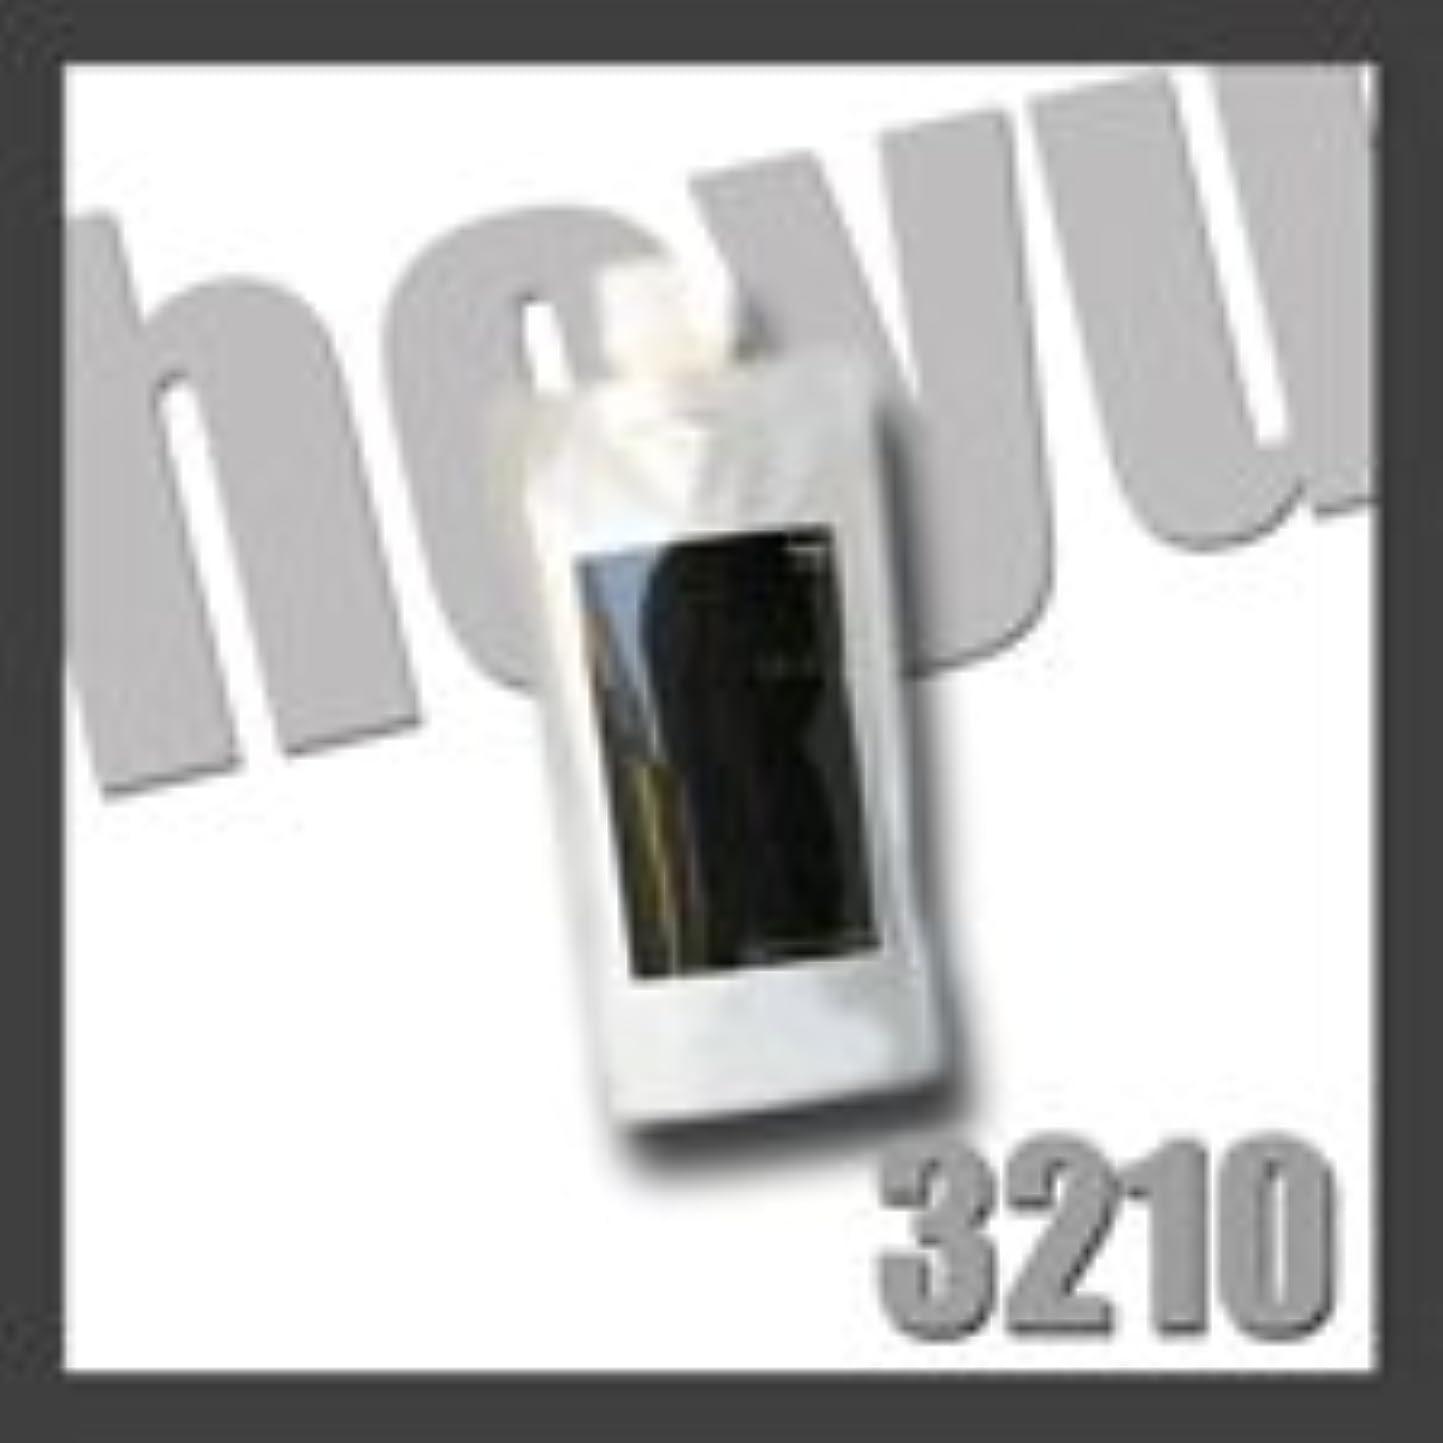 検証版変数HOYU ホーユー 3210 ミニーレ ウルトラハード ワックス レフィル 200g 詰替用 フィニッシュワークシリーズ